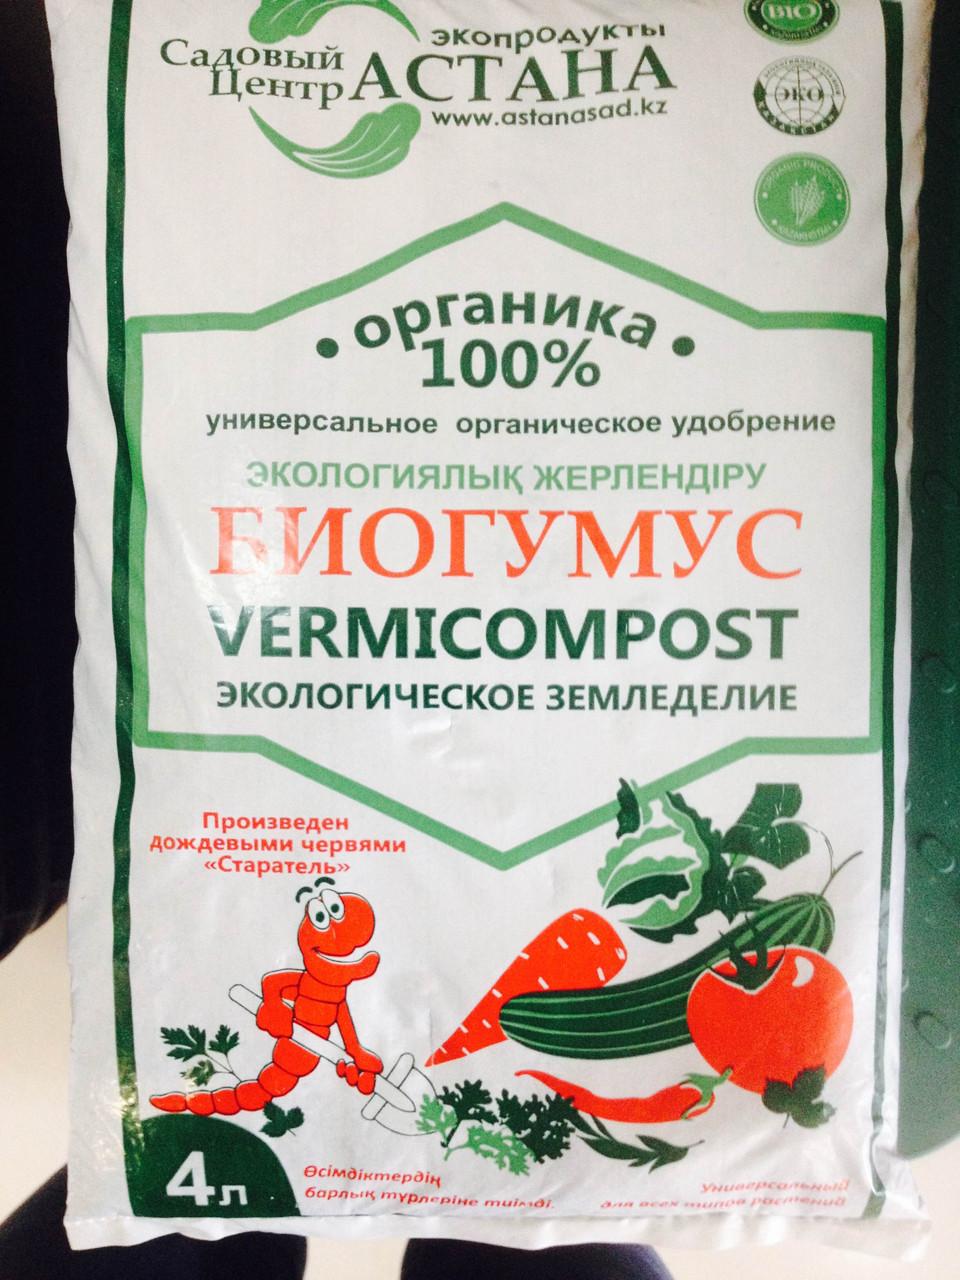 Биогумус Vermicompost